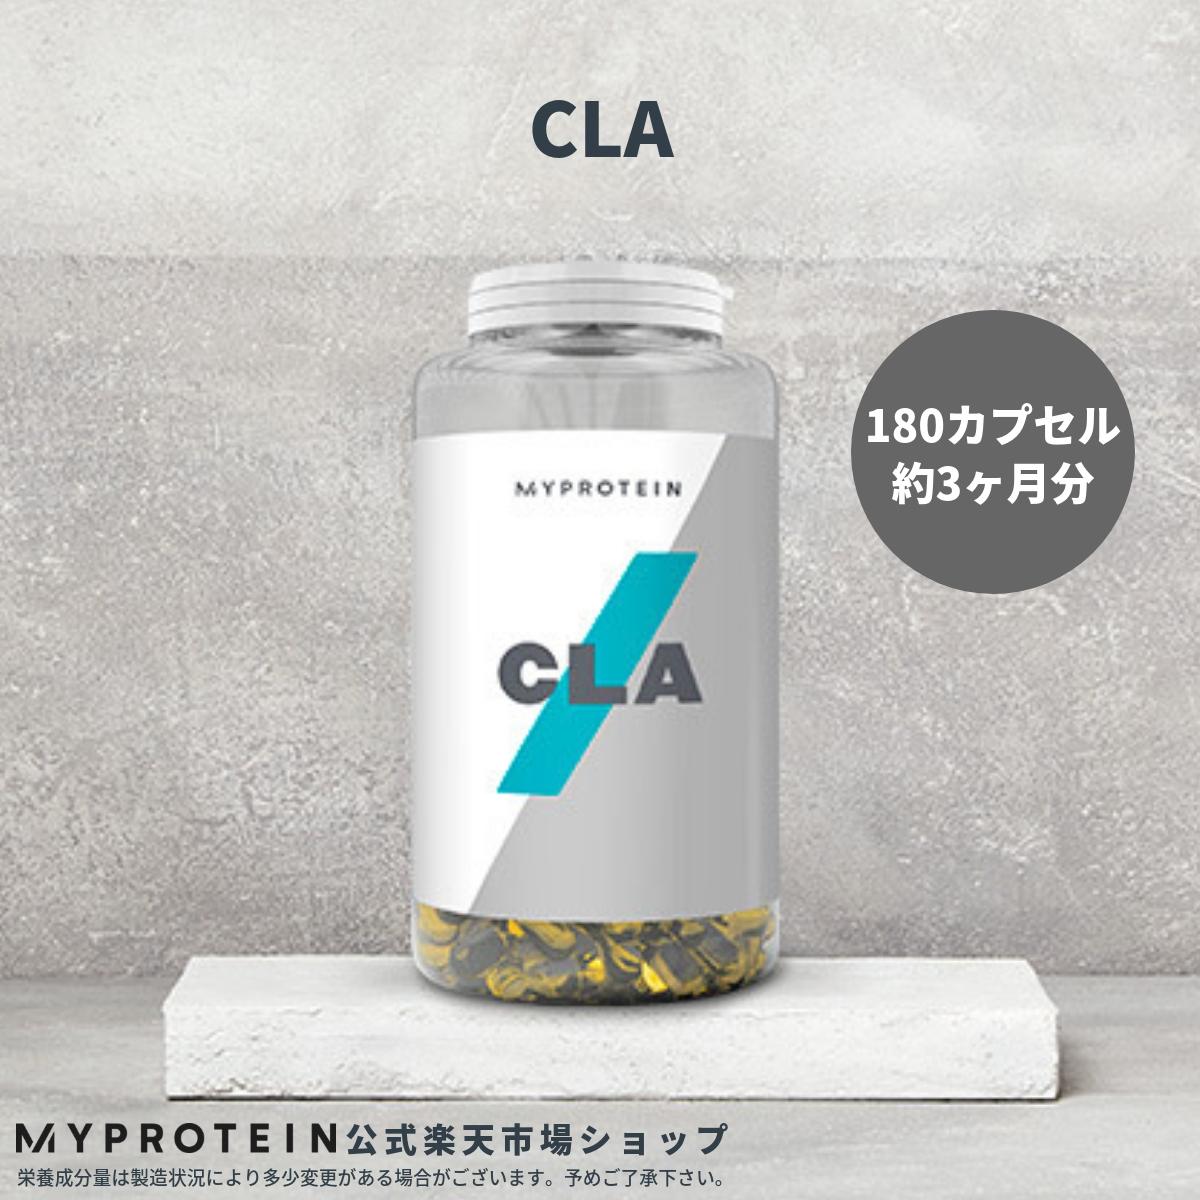 マイプロテイン 公式 【MyProtein】 CLA (共役リノール酸)  180カプセル 約3ヶ月分【海外直送】